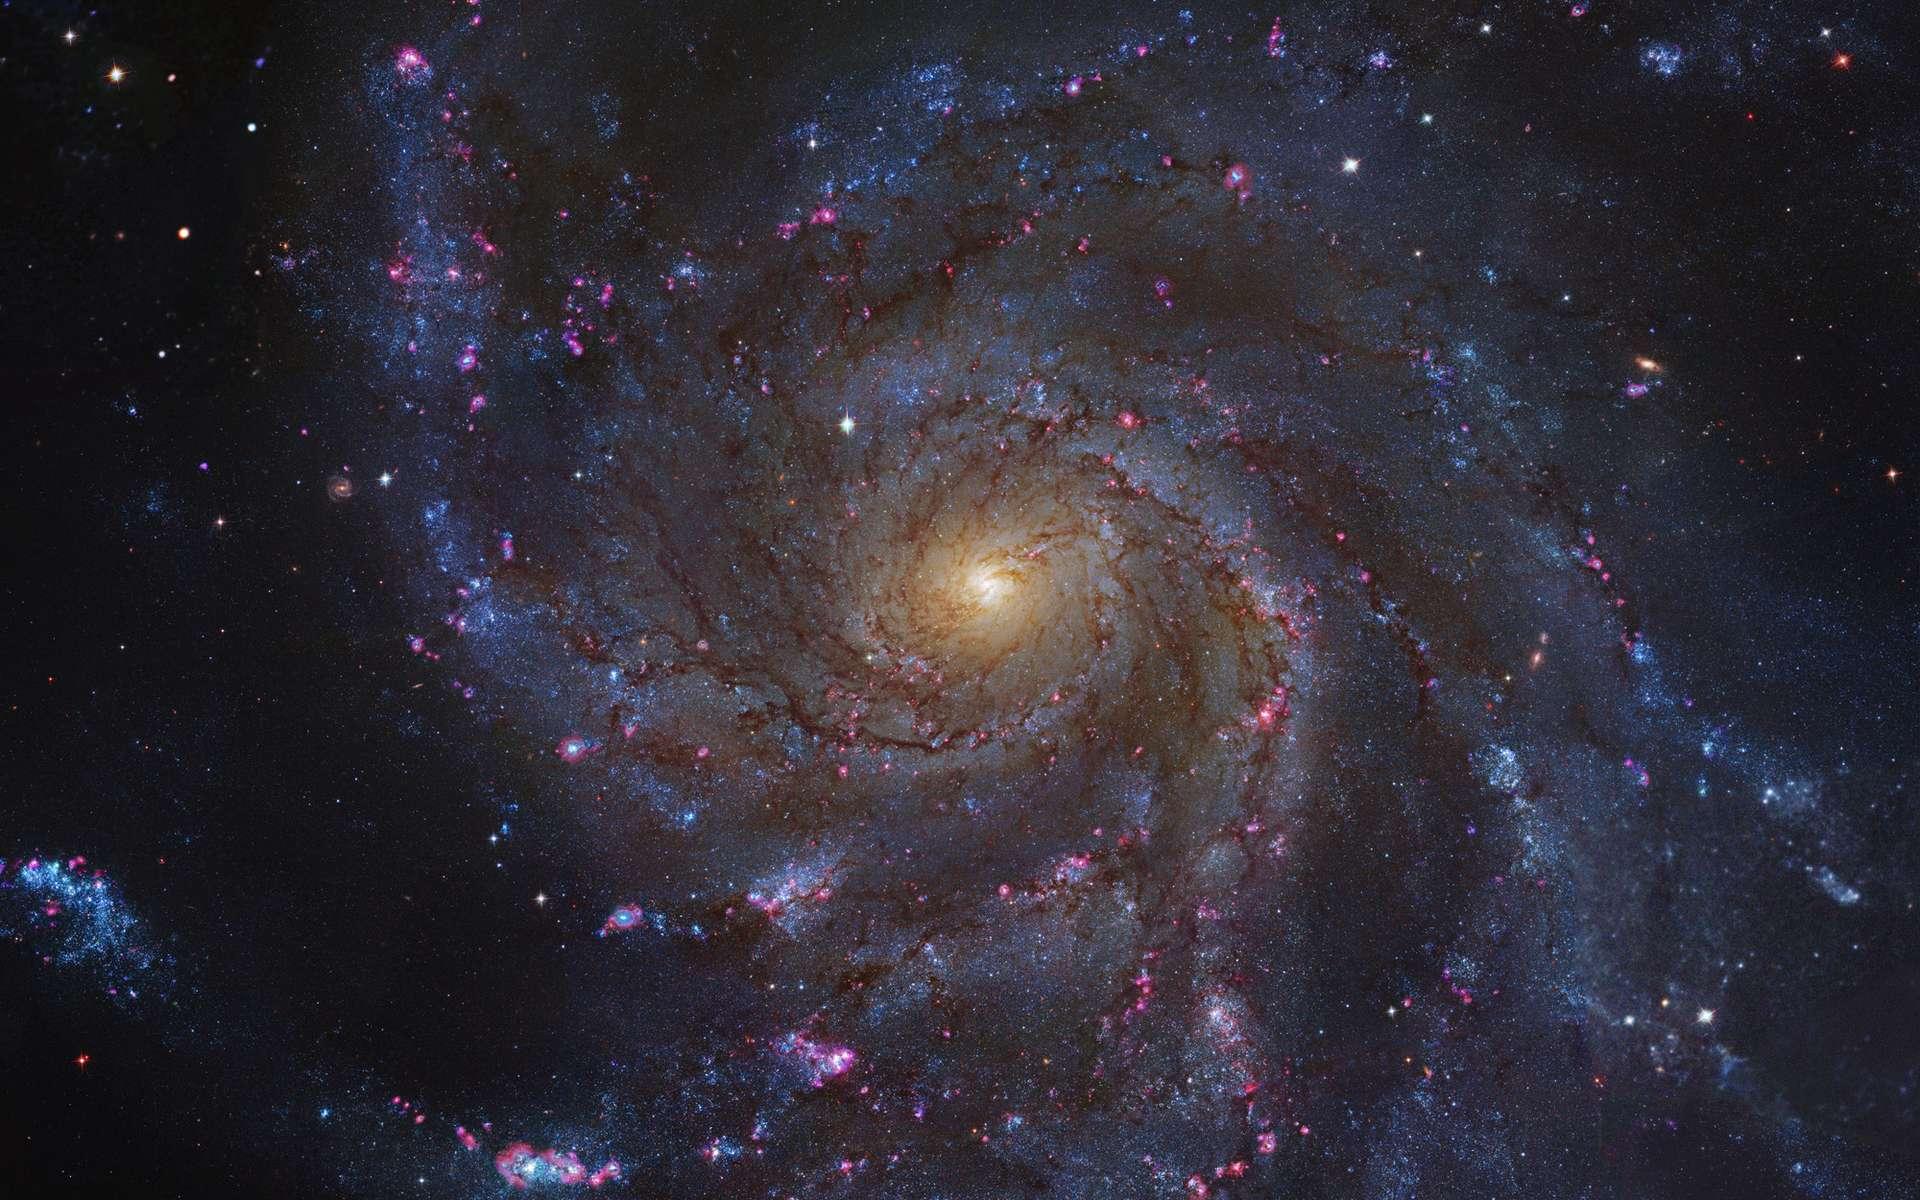 Cette photographie montre la galaxie spirale Messier M101, également appelée galaxie du Moulinet. C'est une galaxie spirale située dans la Grande Ourse et distante d'environ 22,8 millions d'années-lumière de la Voie lactée. Le diamètre de M101 est 70 % plus grand que celui de la Voie lactée. © Nasa